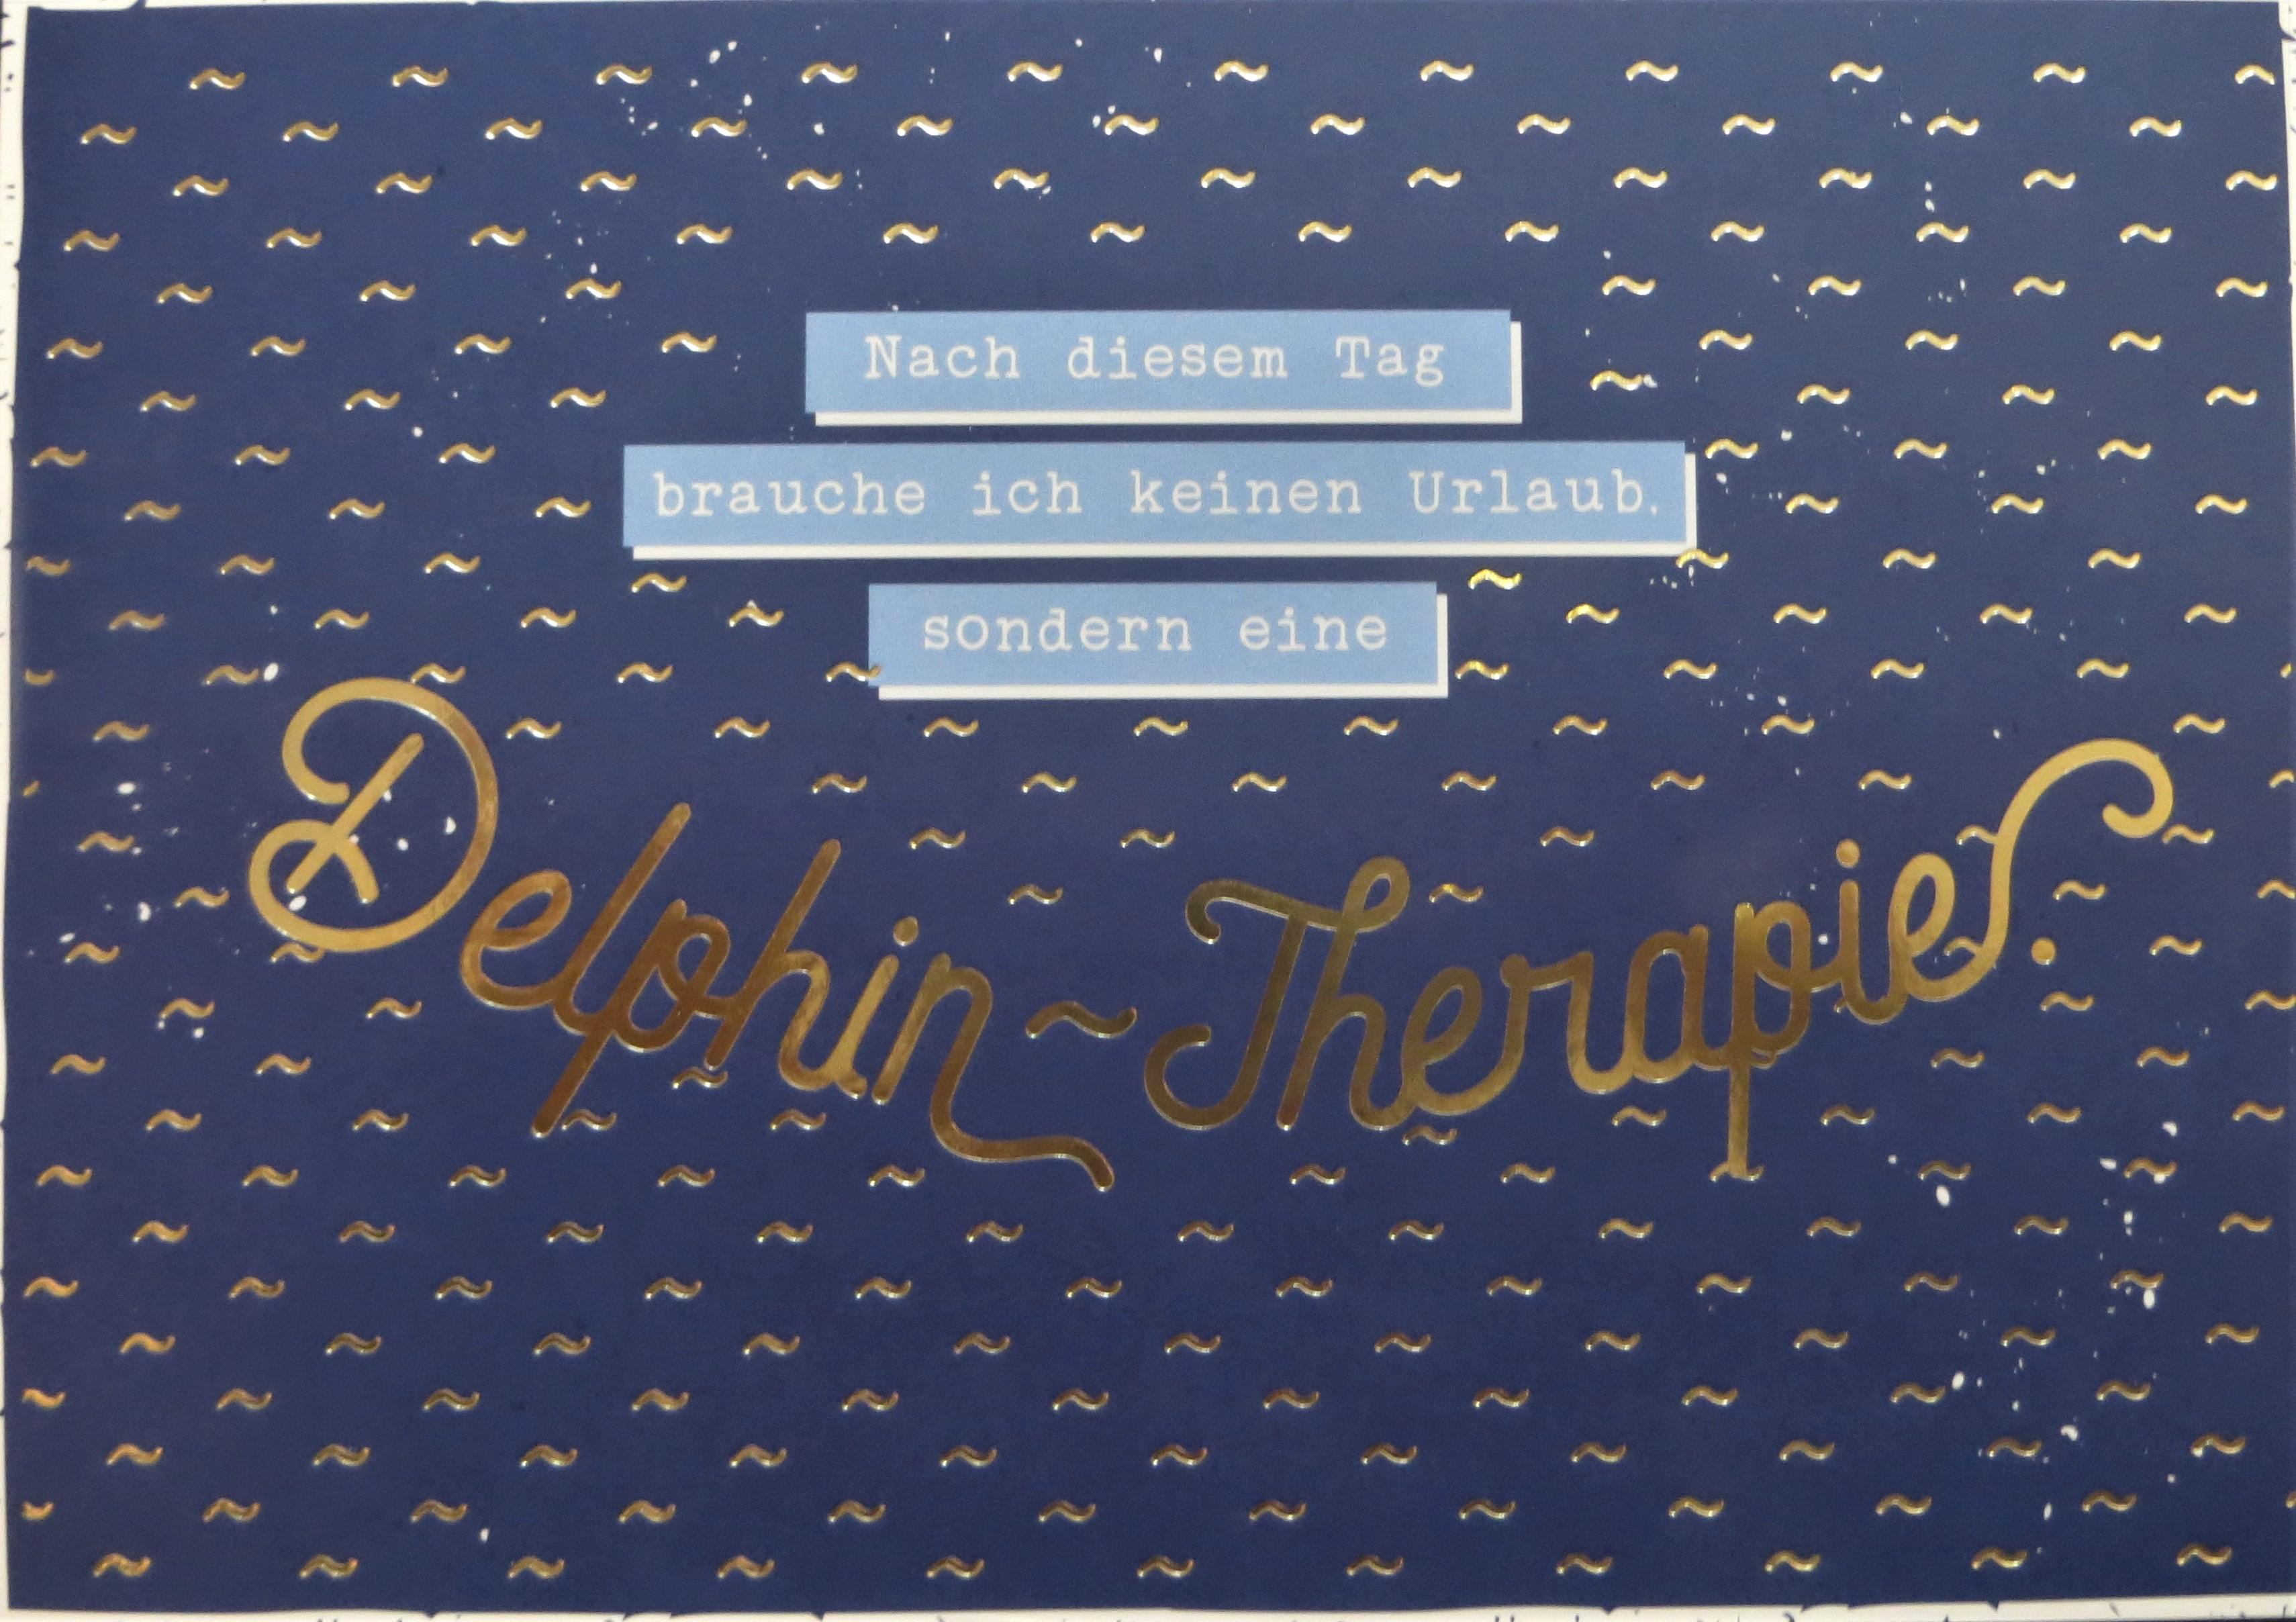 Postkarte Nach diesem Tag brauche ich keinen Urlaub sondern eine Delphin Therapie VintageArt